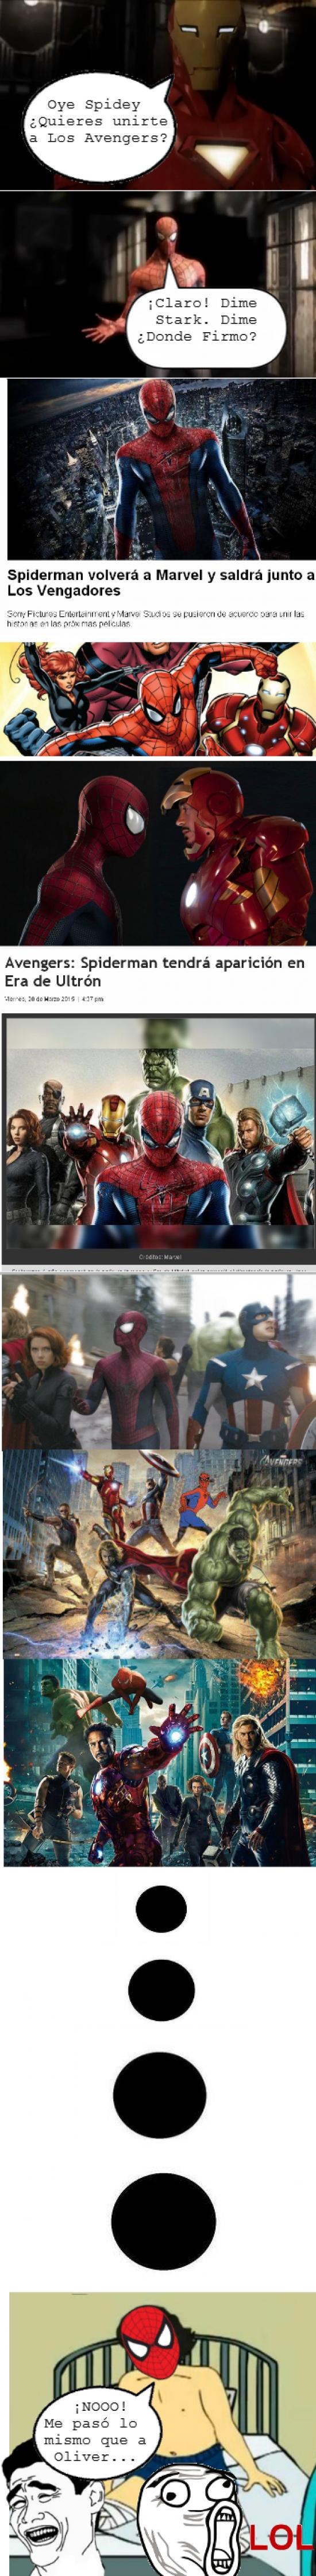 Yao - La verdad sobre Spider-man en Los Vengadores